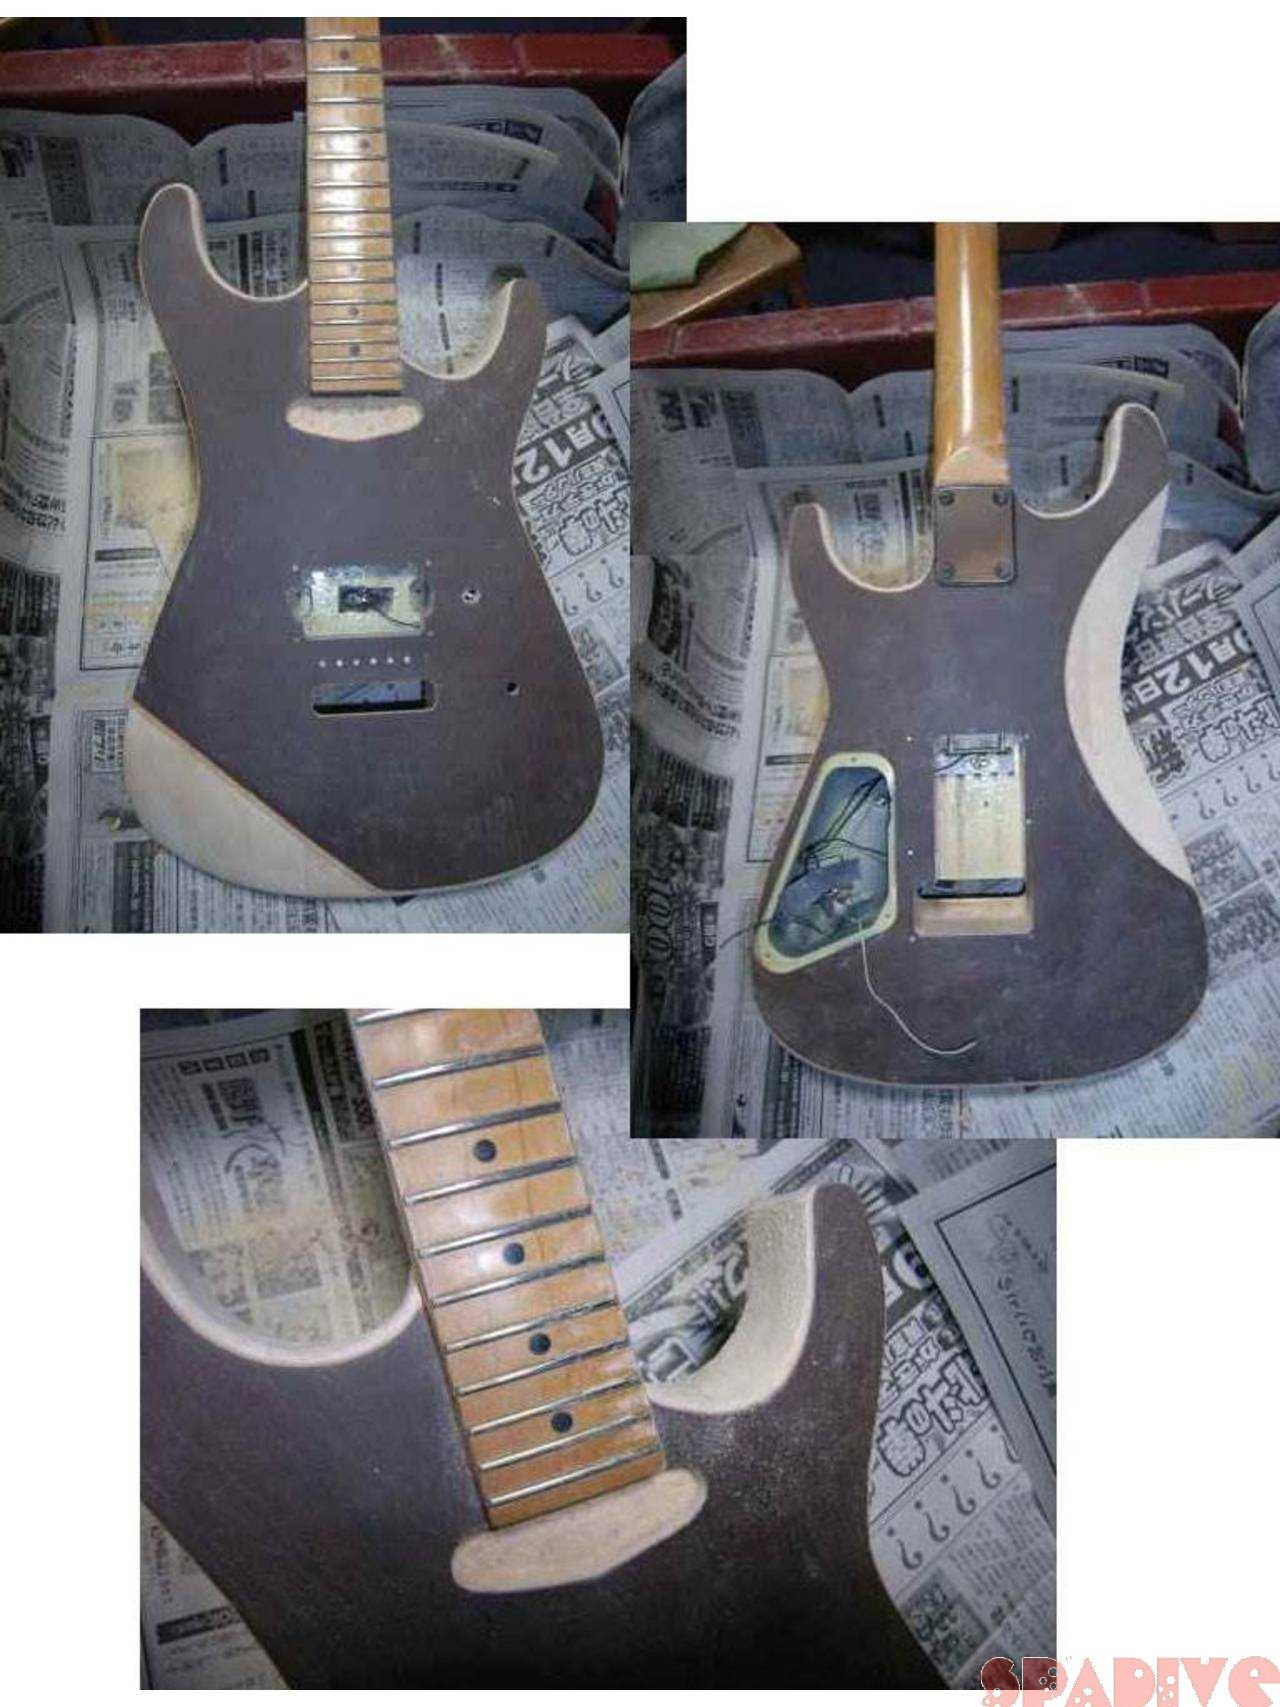 シャーベル/CHARVELストラトギターのボディー改造その3|2/28/2007